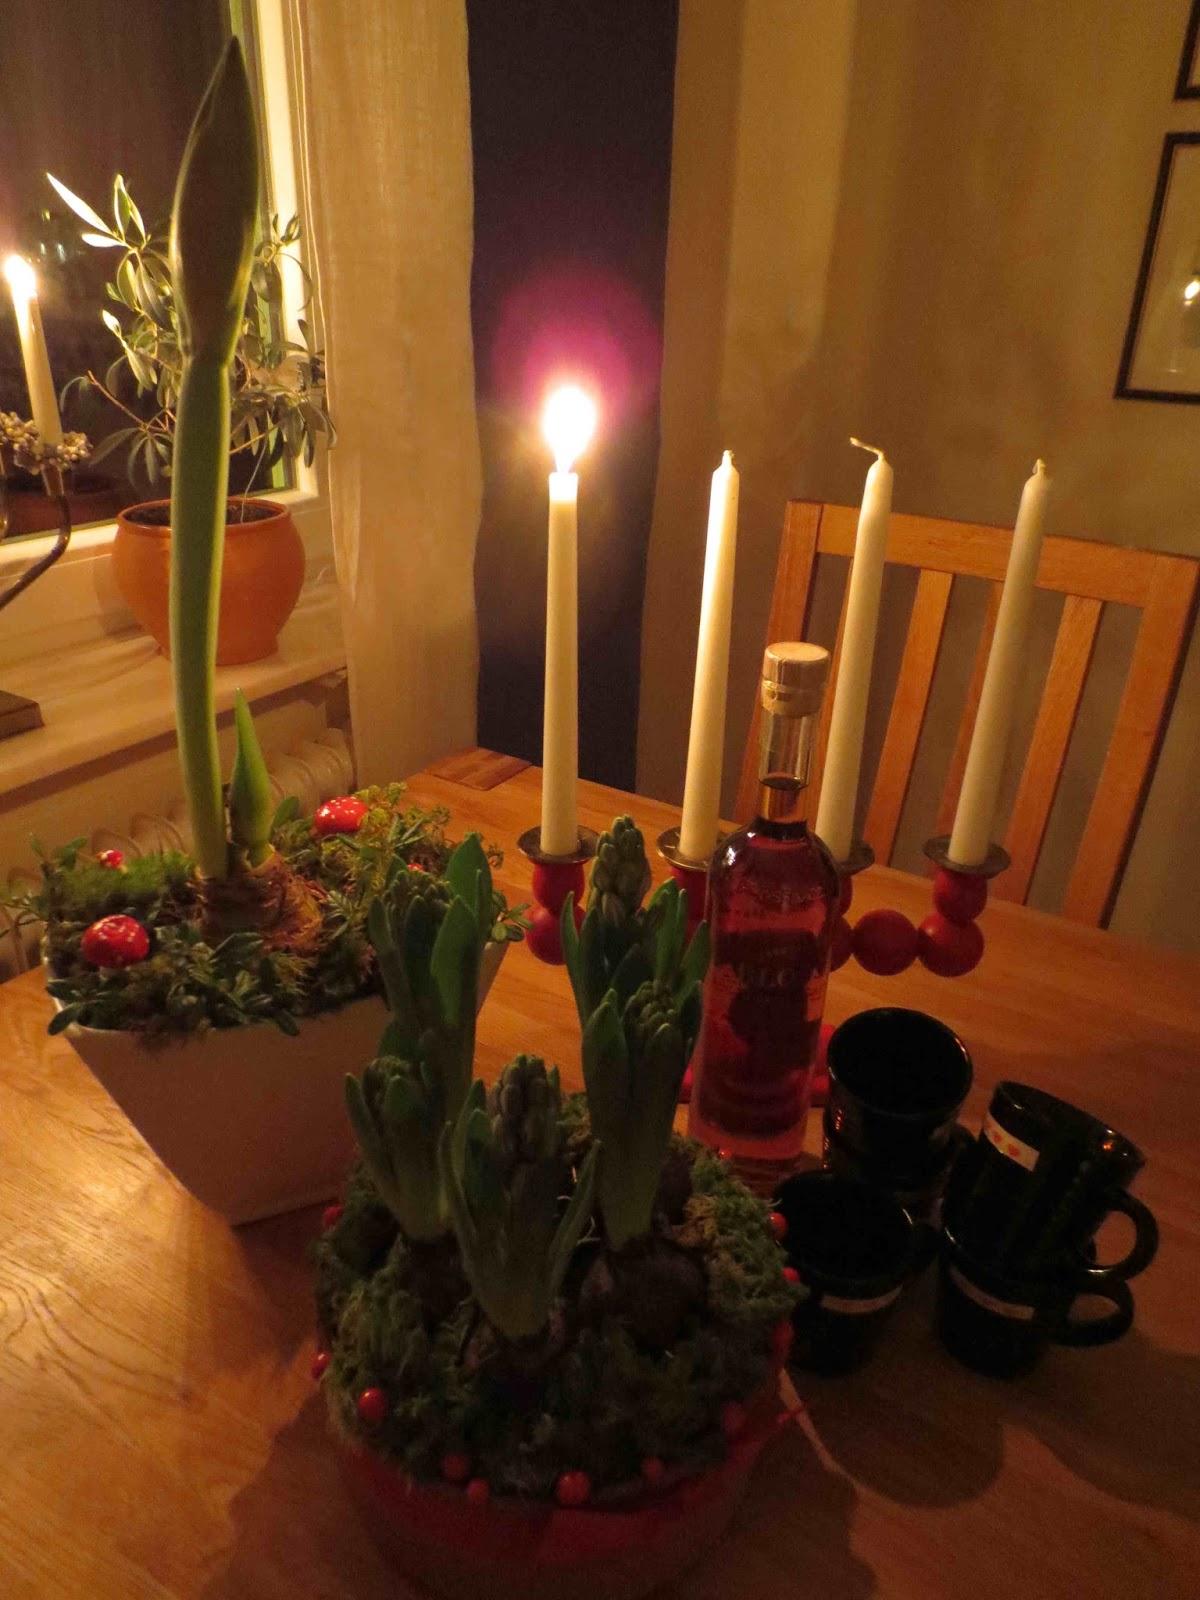 Rickardssons rosor & rabarber: november 2015